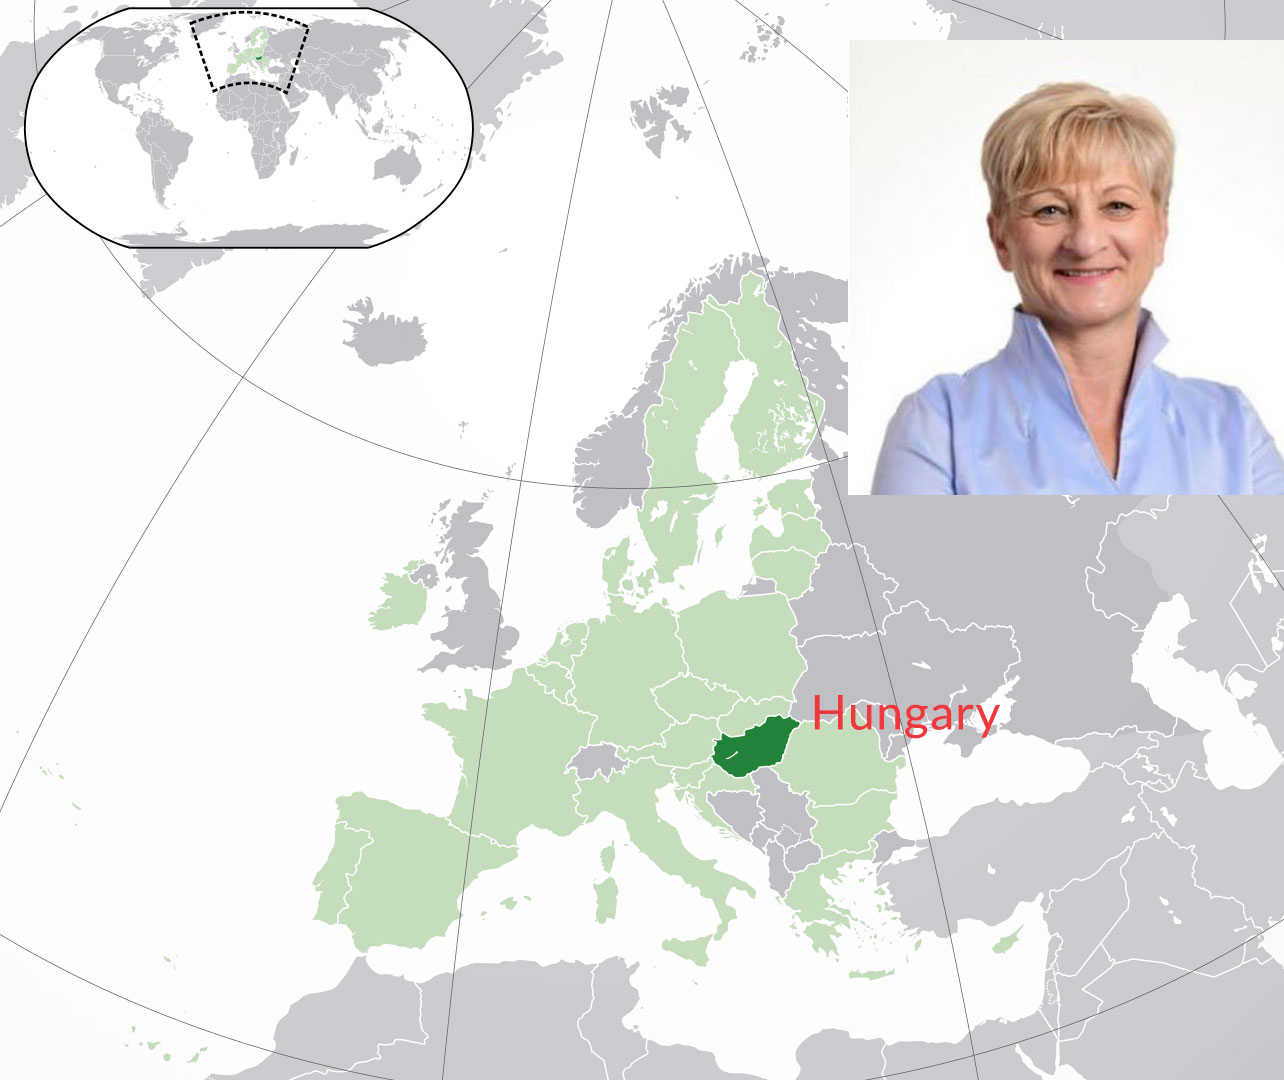 Lockar svenska företag att etablera tillverkning i Ungern